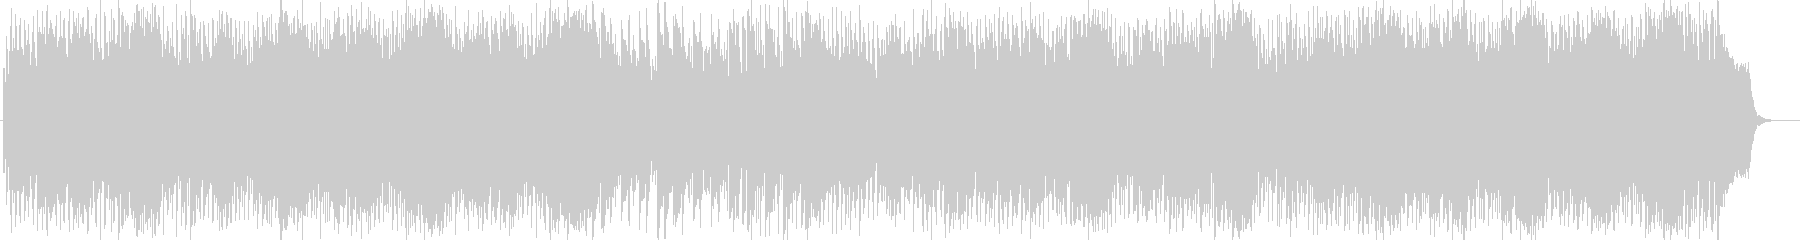 明るいキラキラなシンセサイザーの曲の未再生の波形